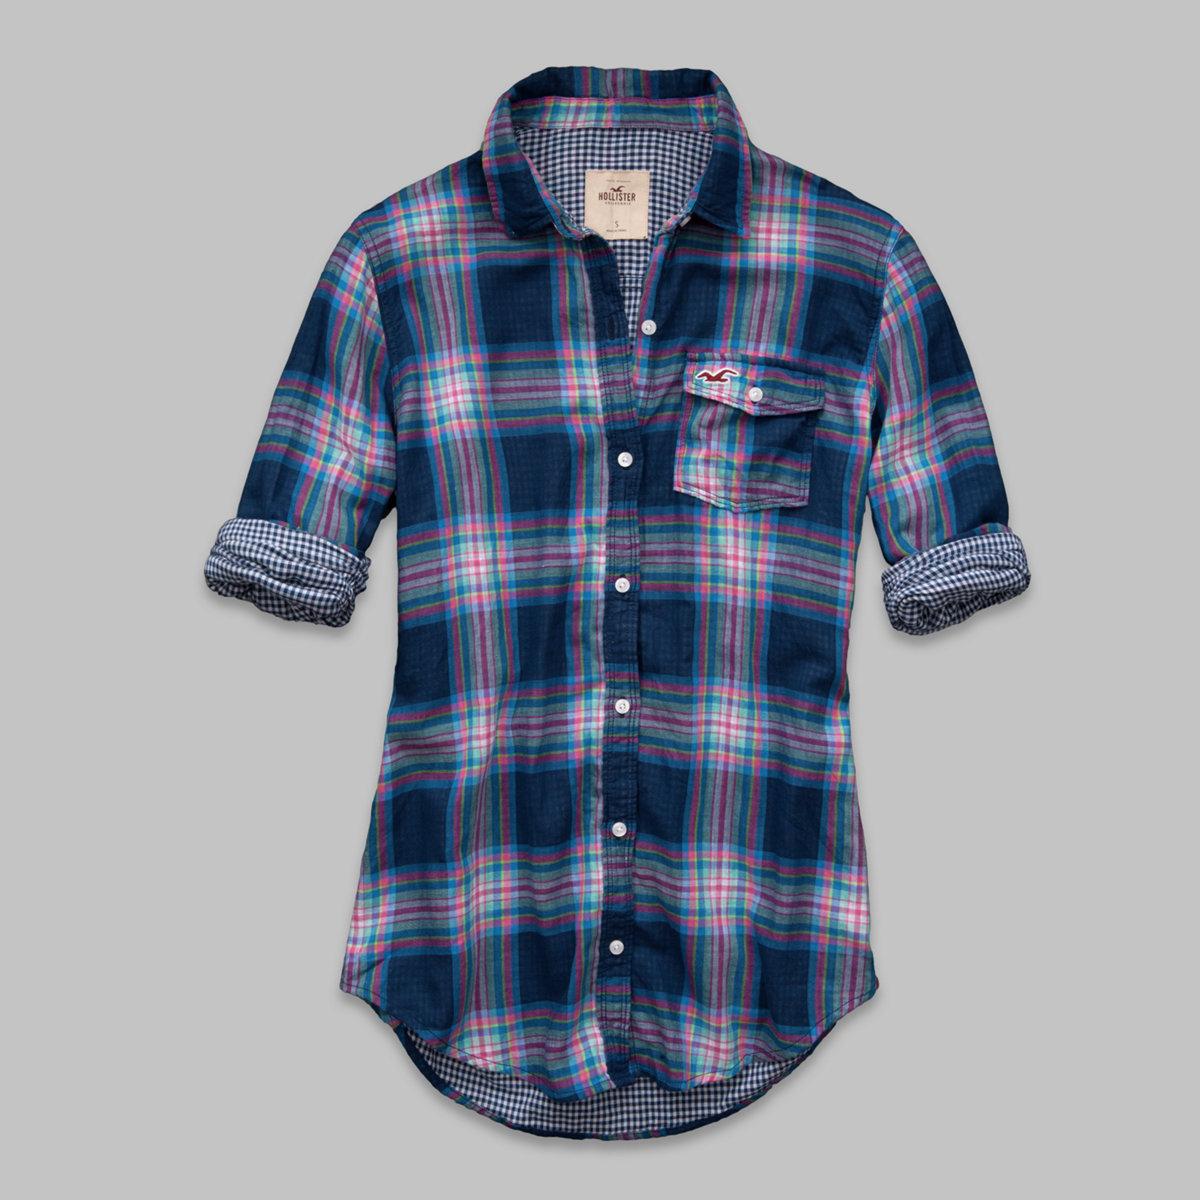 Picnic Beach Shirt